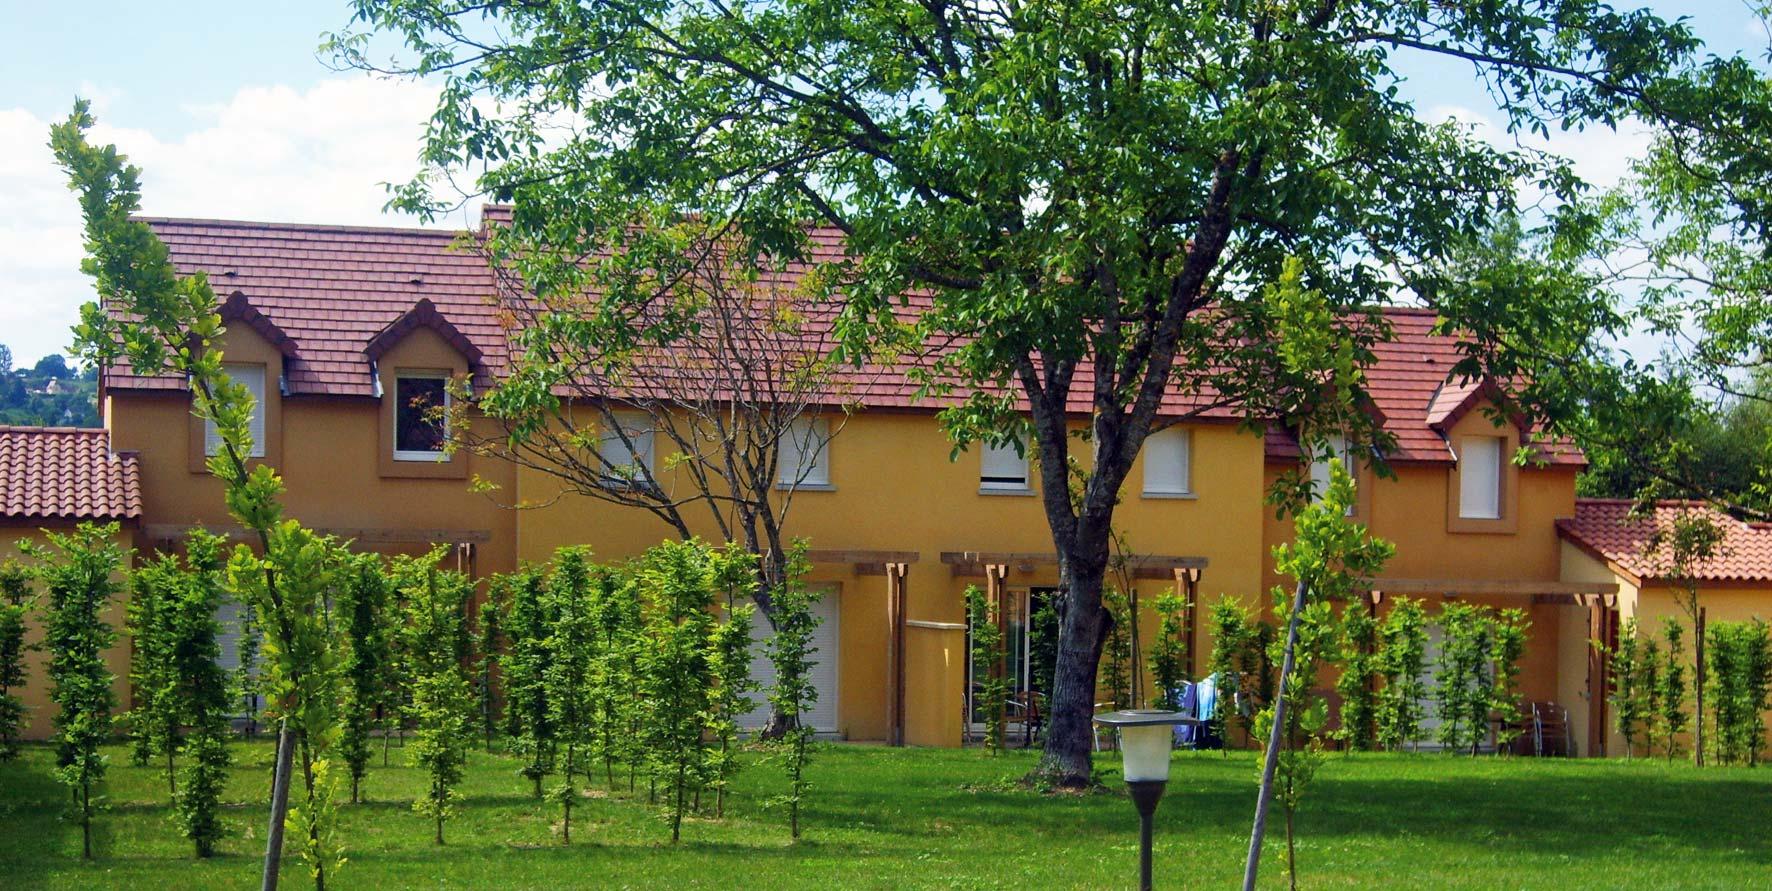 Location maison pour 4 personnes du 28/09 au 5/10 pendant 7 nuits aux bastides de Lascaux à Montignac - vacances-lagrange.com